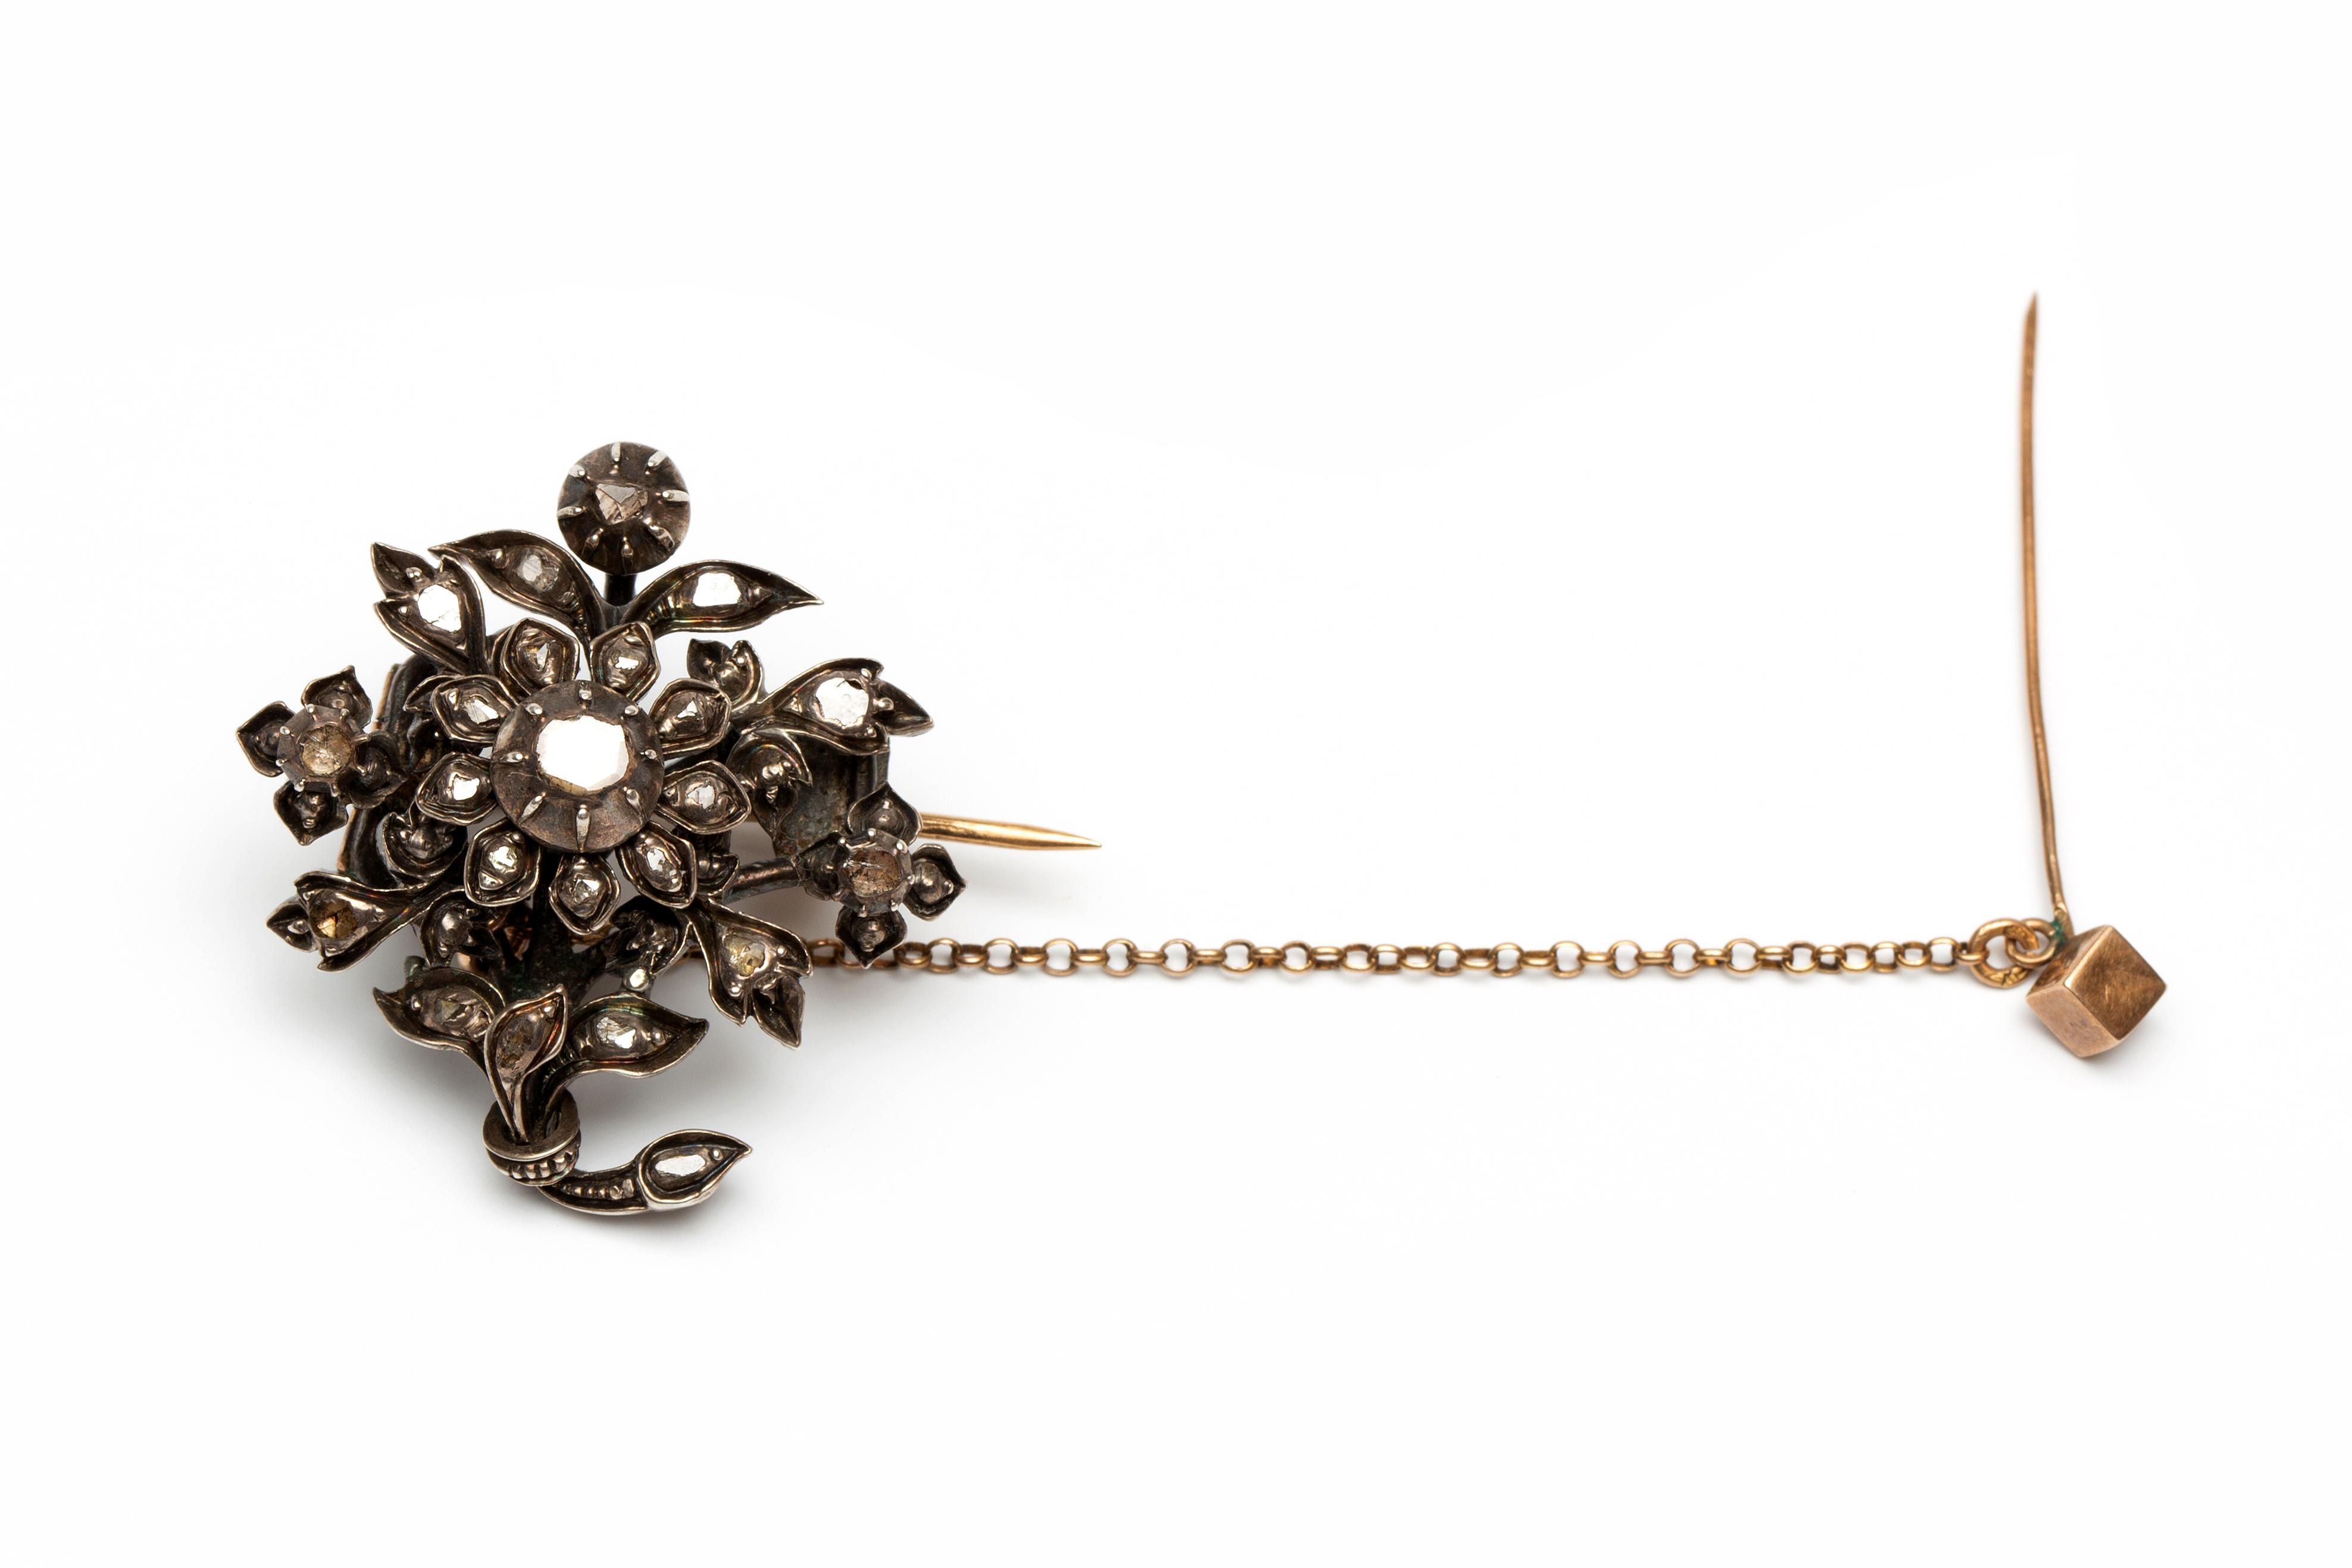 Zilveren en gouden bloembroche, 19e eeuw,